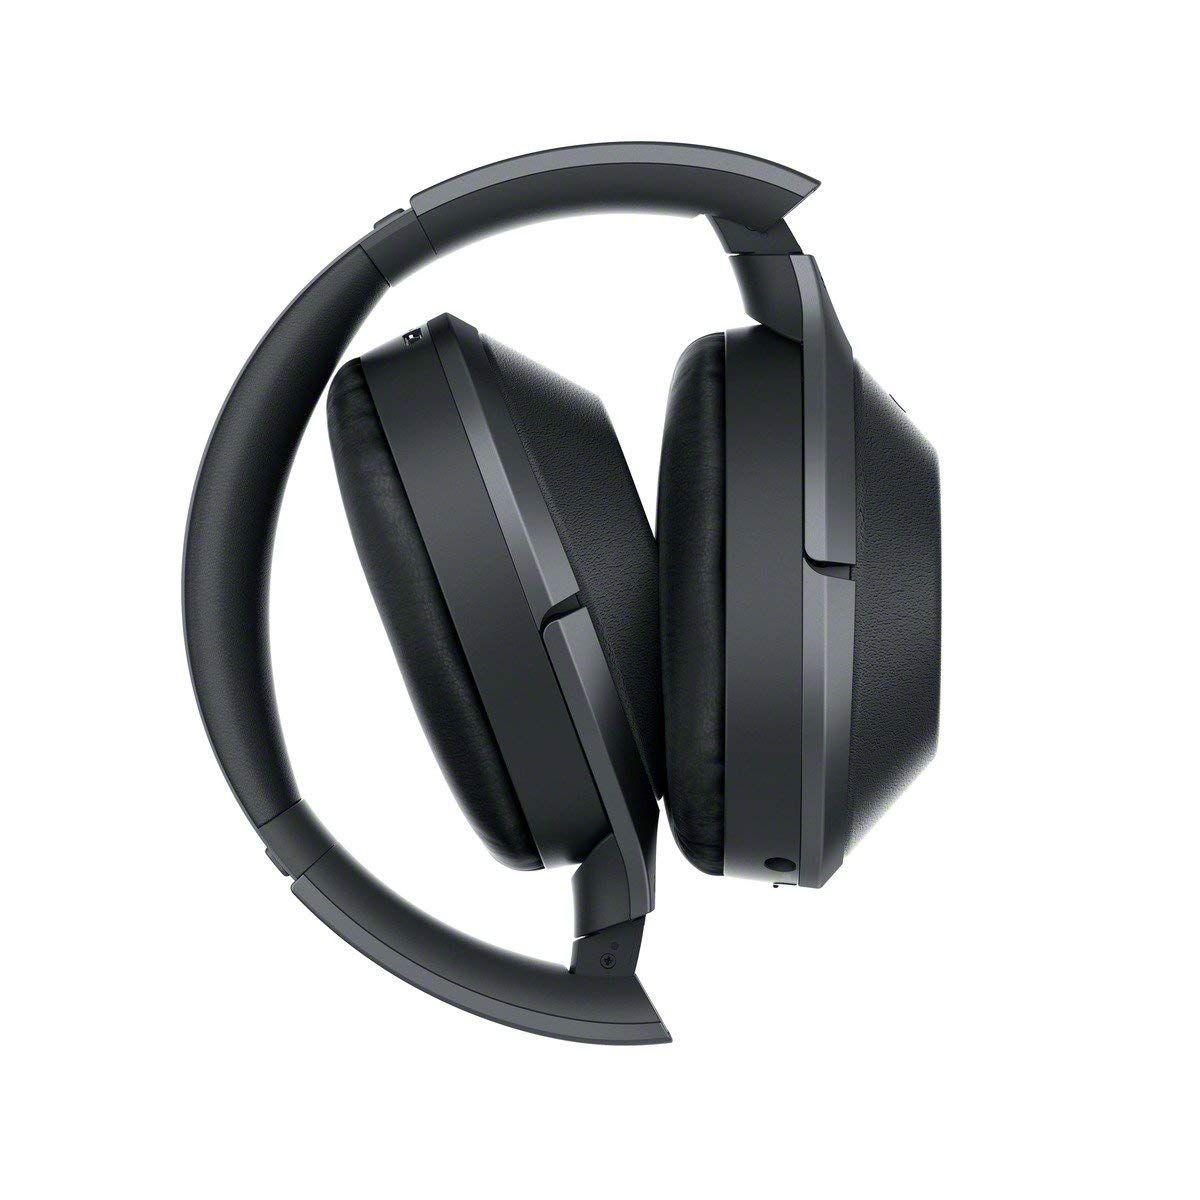 Sony wh 1000xm2 - Headphone - OEM